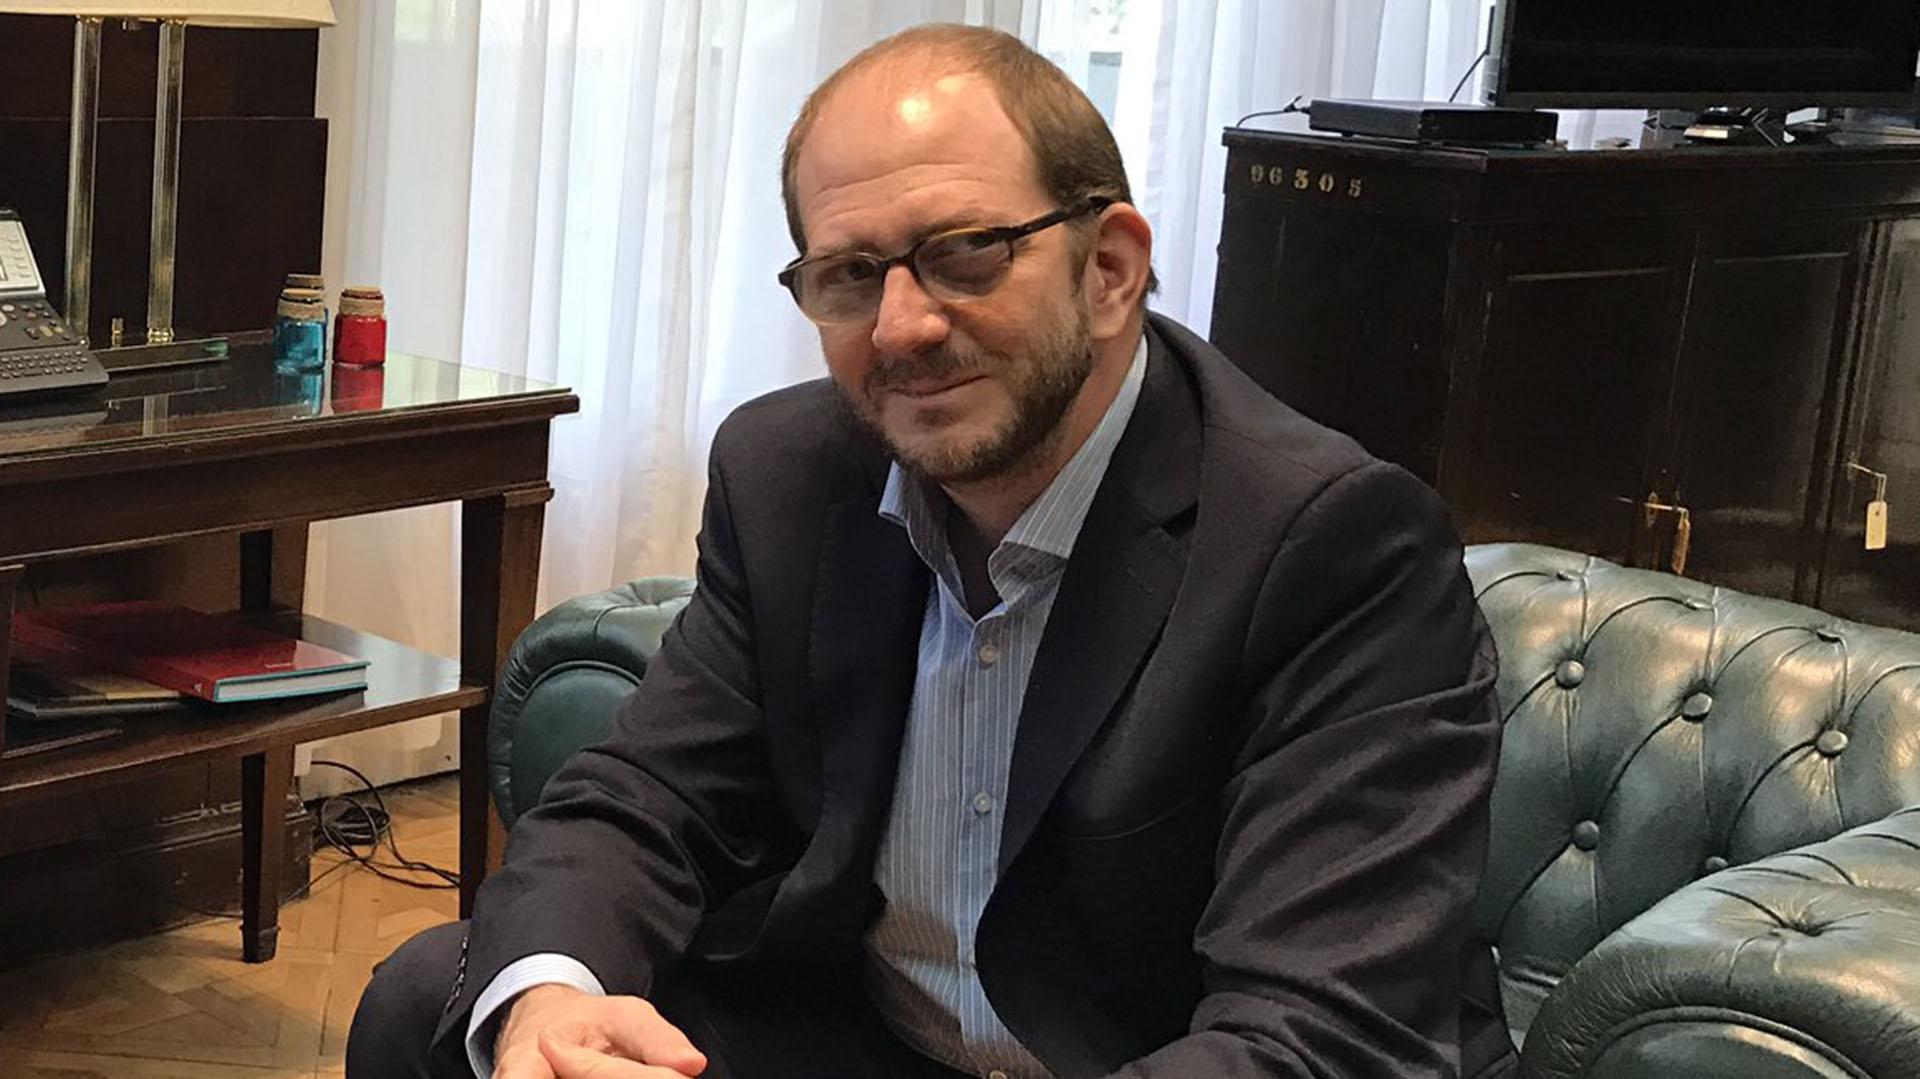 El secretario de Comericio Miguel Braun